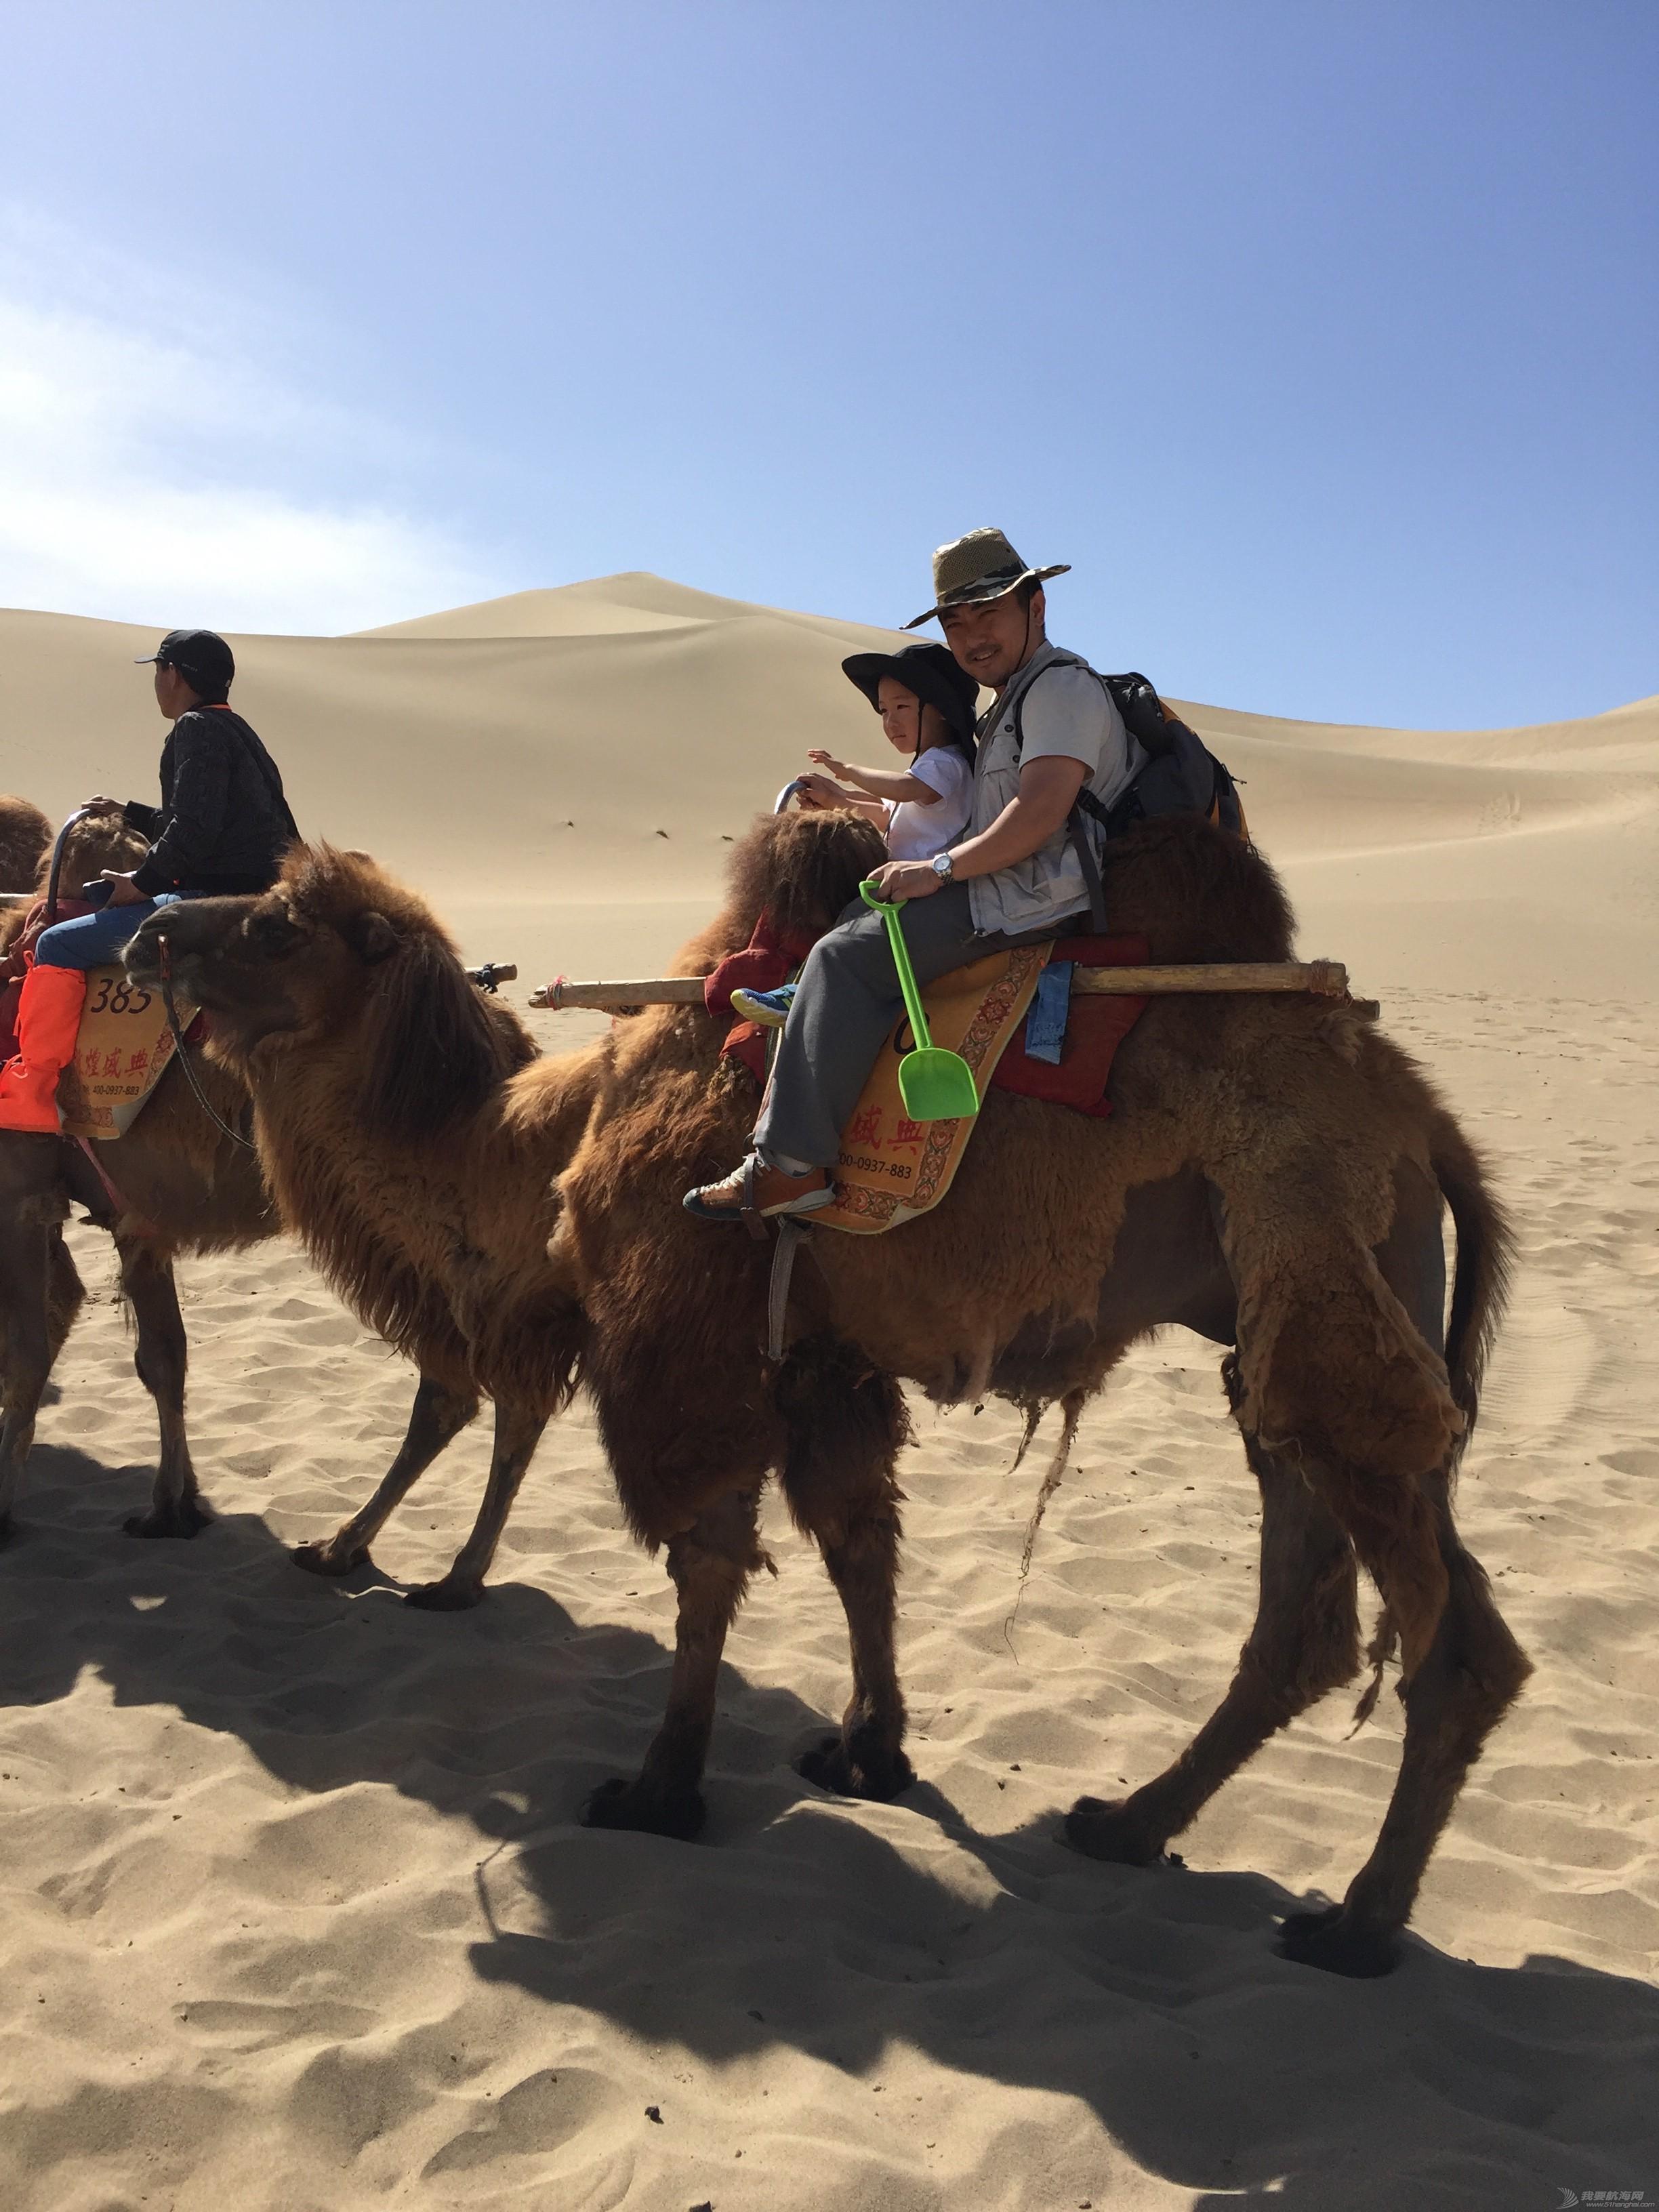 苟且,我们,船长,一个人,远方 2016-CCOR纪实:生活不止眼前的苟且,还有诗和远方的大海 大骆驼